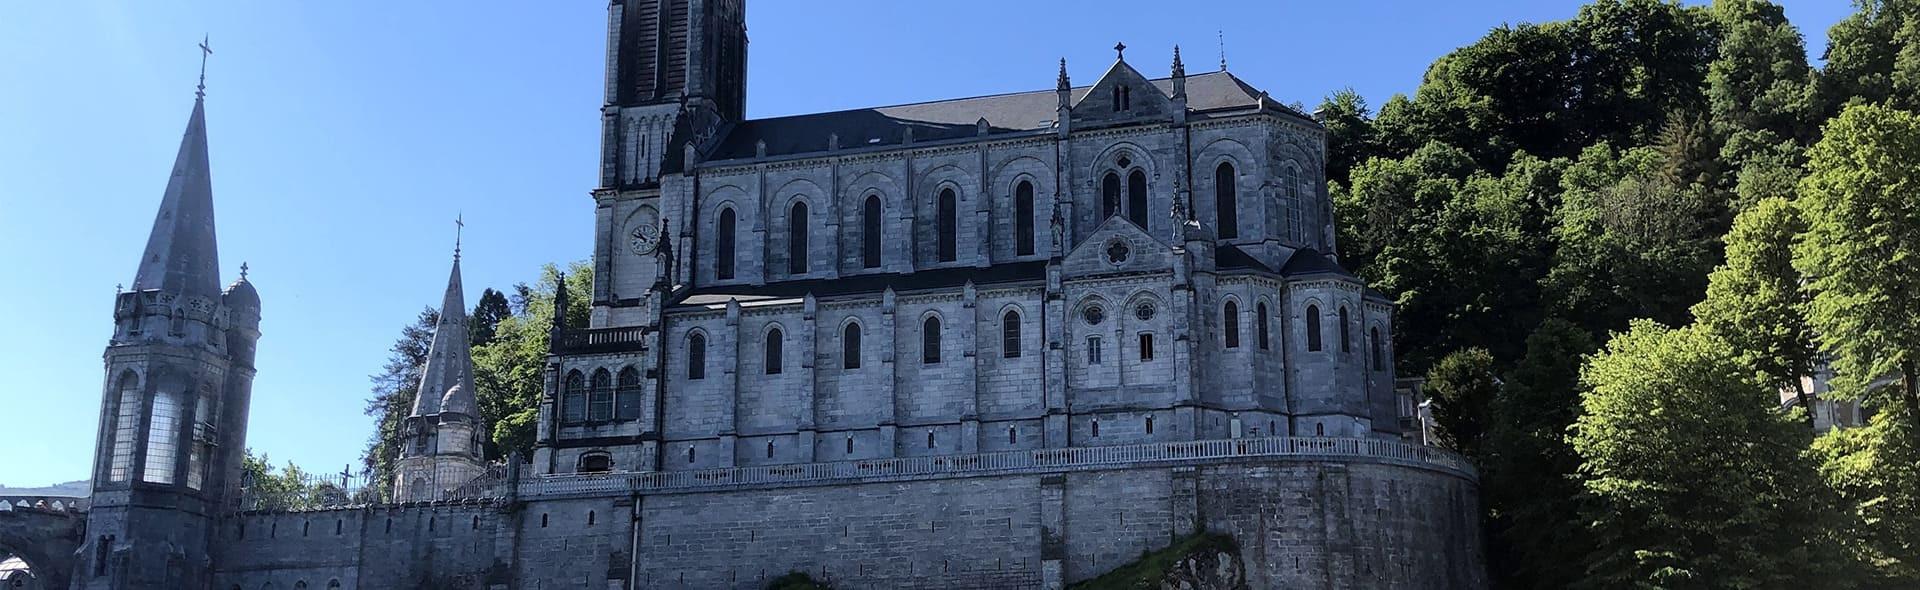 Viaggio a Lourdes in Aereo da Napoli Meta' Settembre